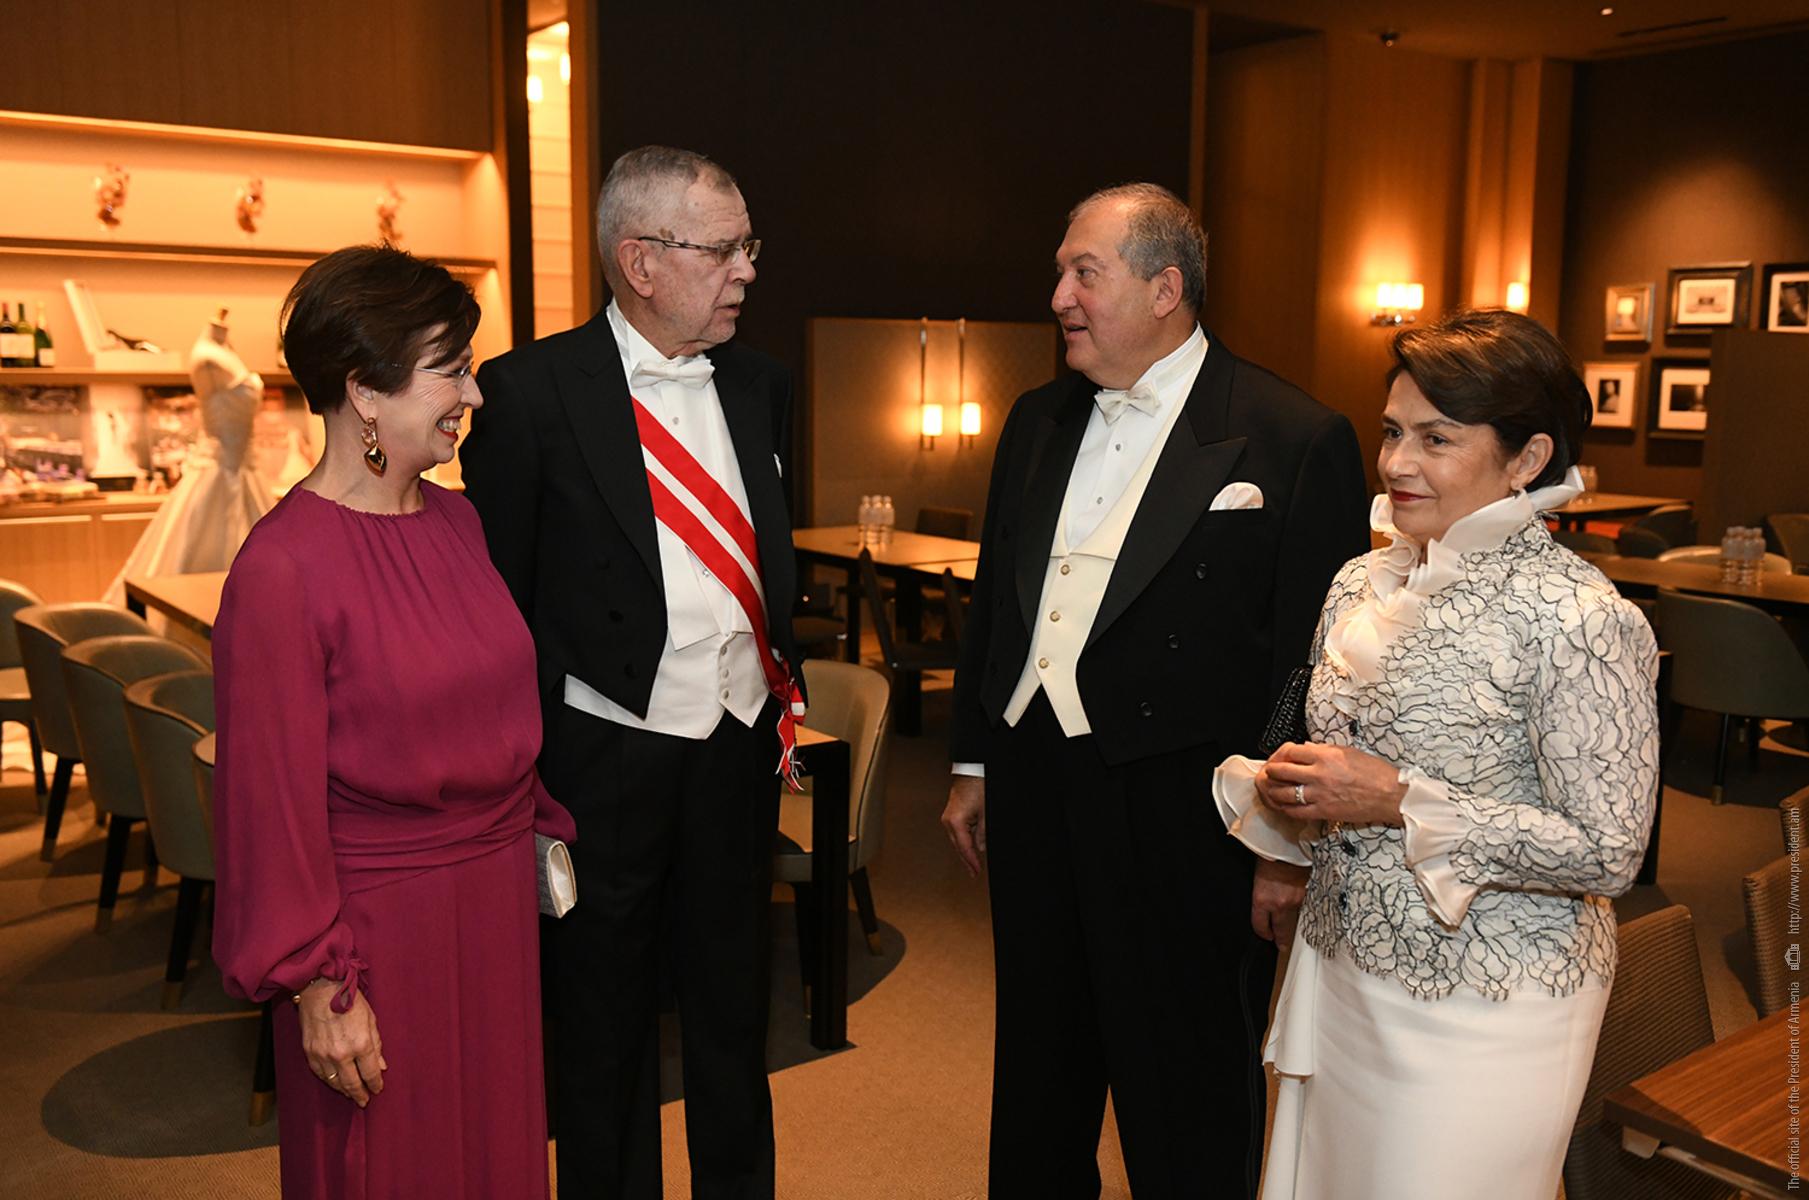 Photo of Հայաստանի և Արցախի համար այս դժվարին պահին Ավստրիան վերստին արտահայտեց իր հստակ աջակցությունը հայ ժողովրդին. նախագահ Արմեն Սարգսյանն ուղերձ է հղել Ավստրիայի նախագահին